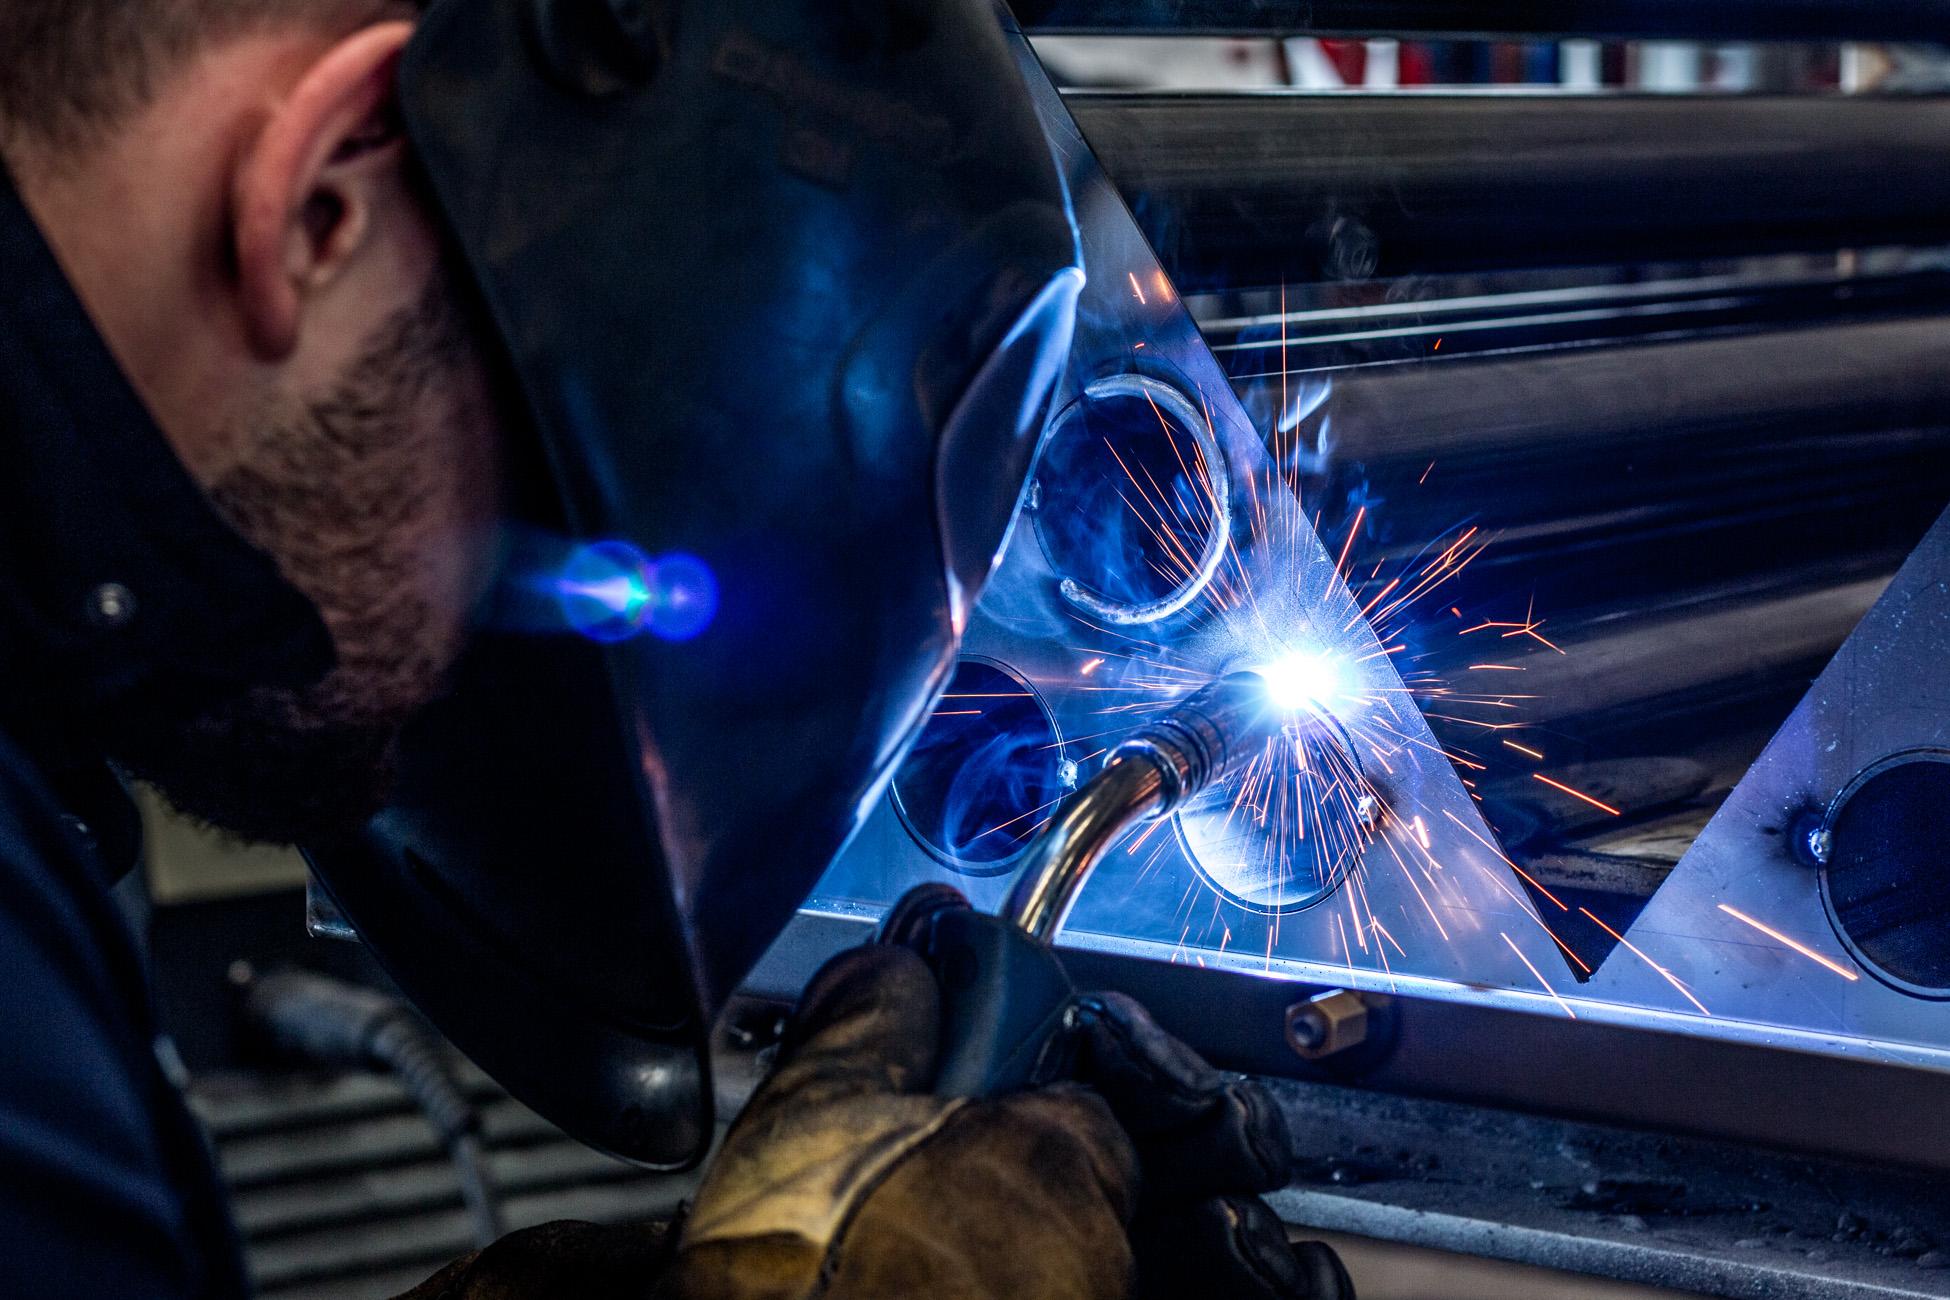 Metallbauer bei der Arbeit